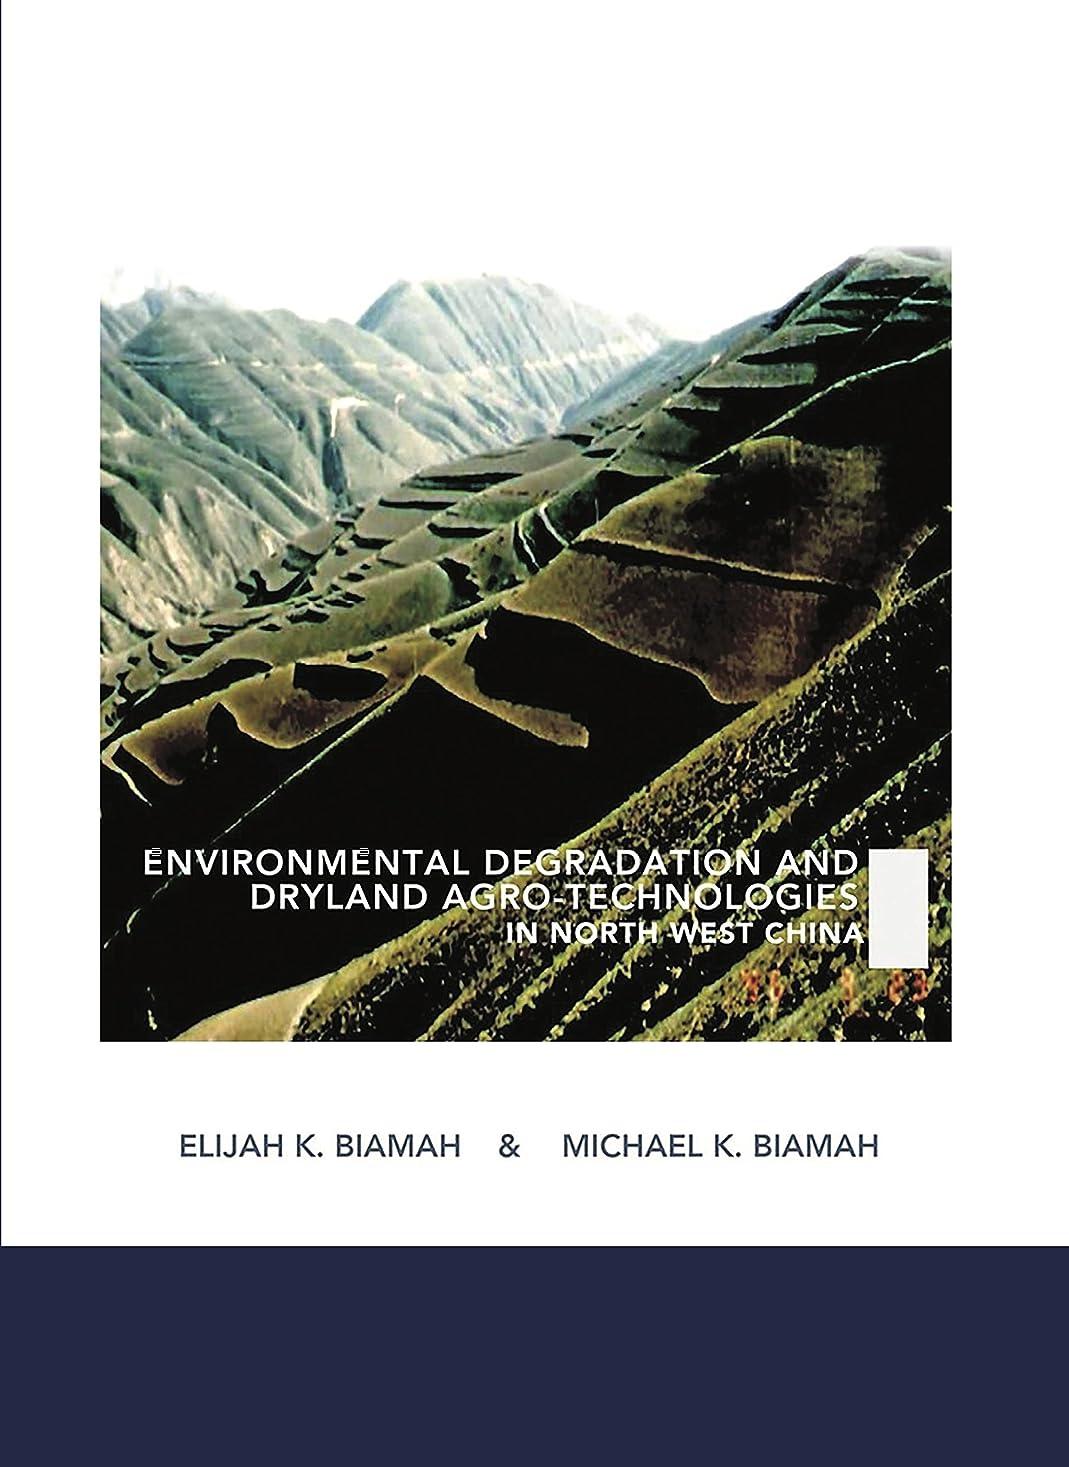 残酷開業医丈夫Environmental Degradation and Dryland Agro-Technologies in Northwest China (English Edition)